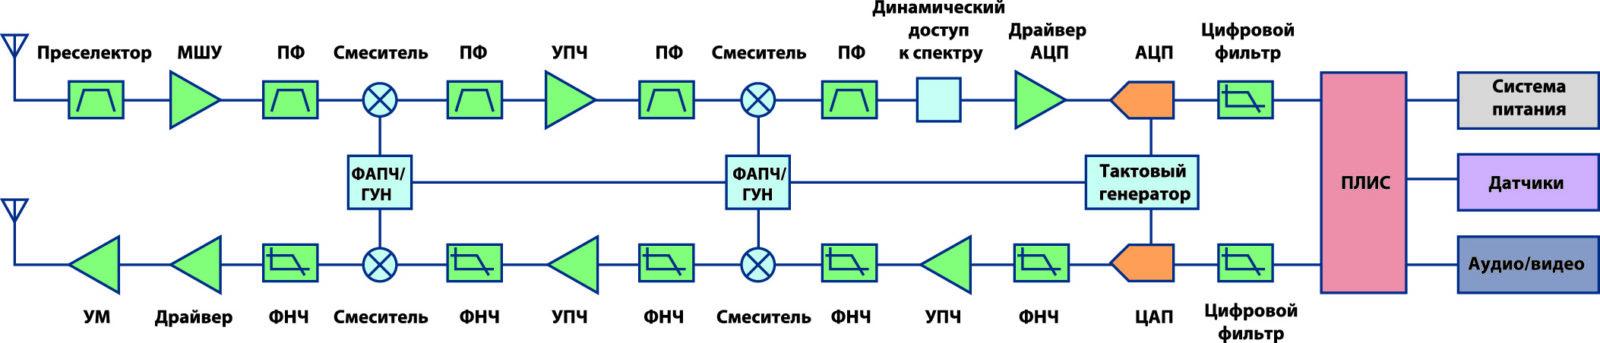 Базовая архитектура современного высокопроизводительного супергетеродинного радиотрансивера